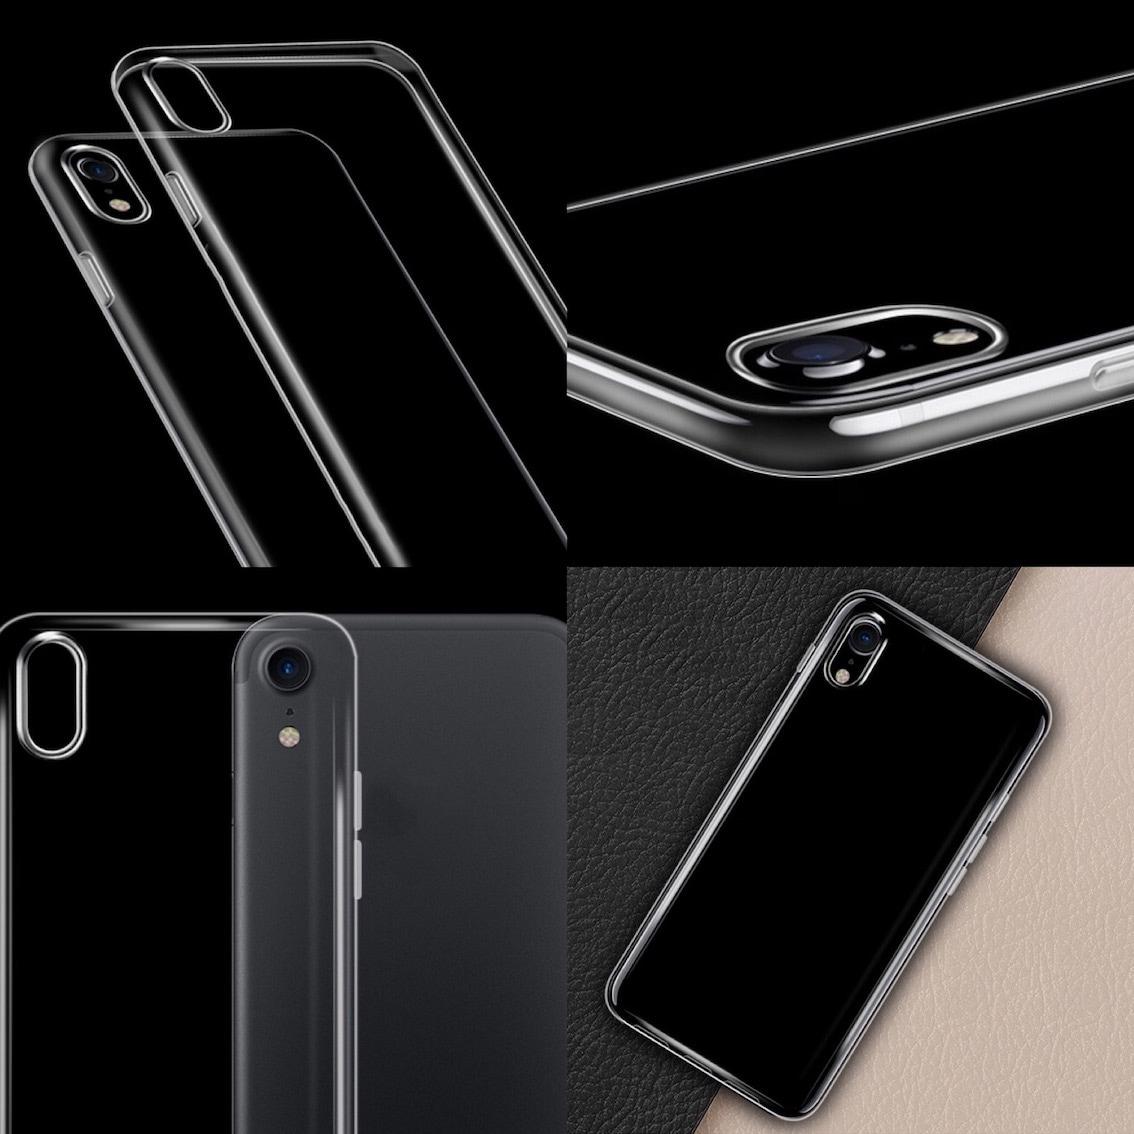 【送料無料】 iPhone X 8 8Plus スマホケース ケース クリア シリコン アイフォン テン エックス 衝撃 0000310